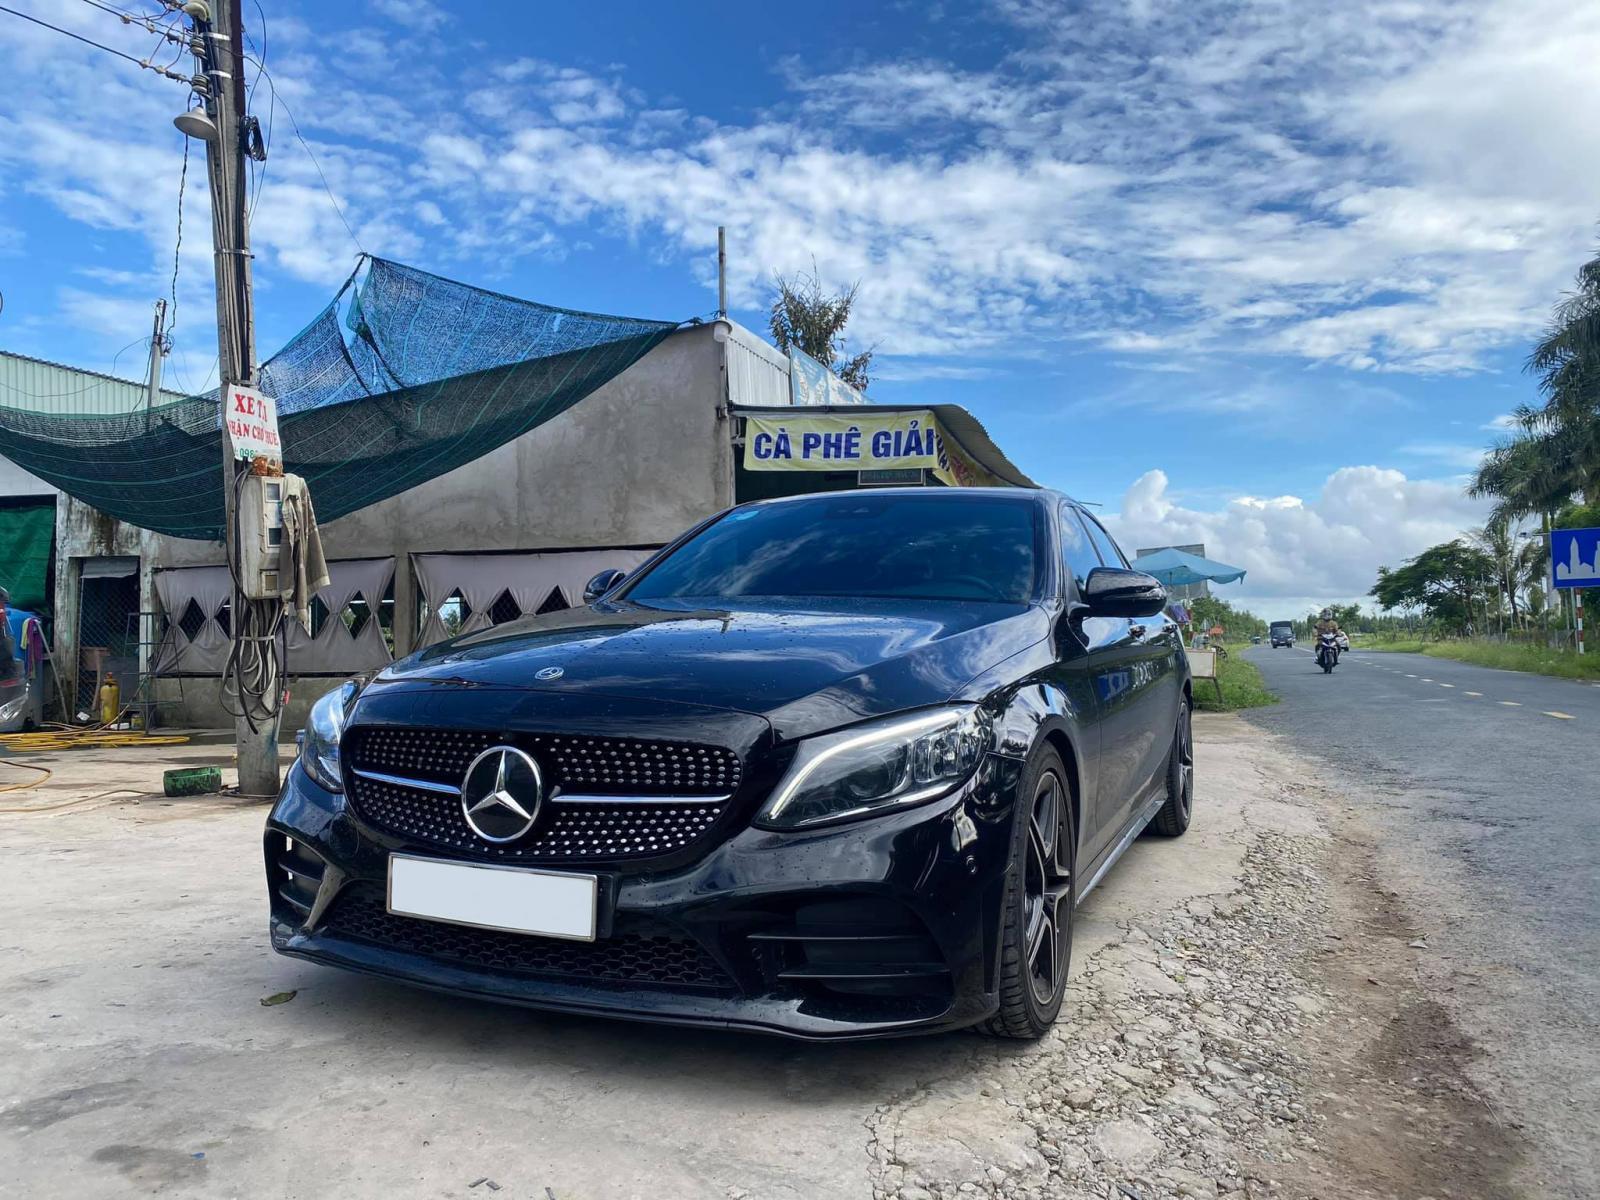 Bán xe Mercedes AMG sản xuất 2019, màu đen